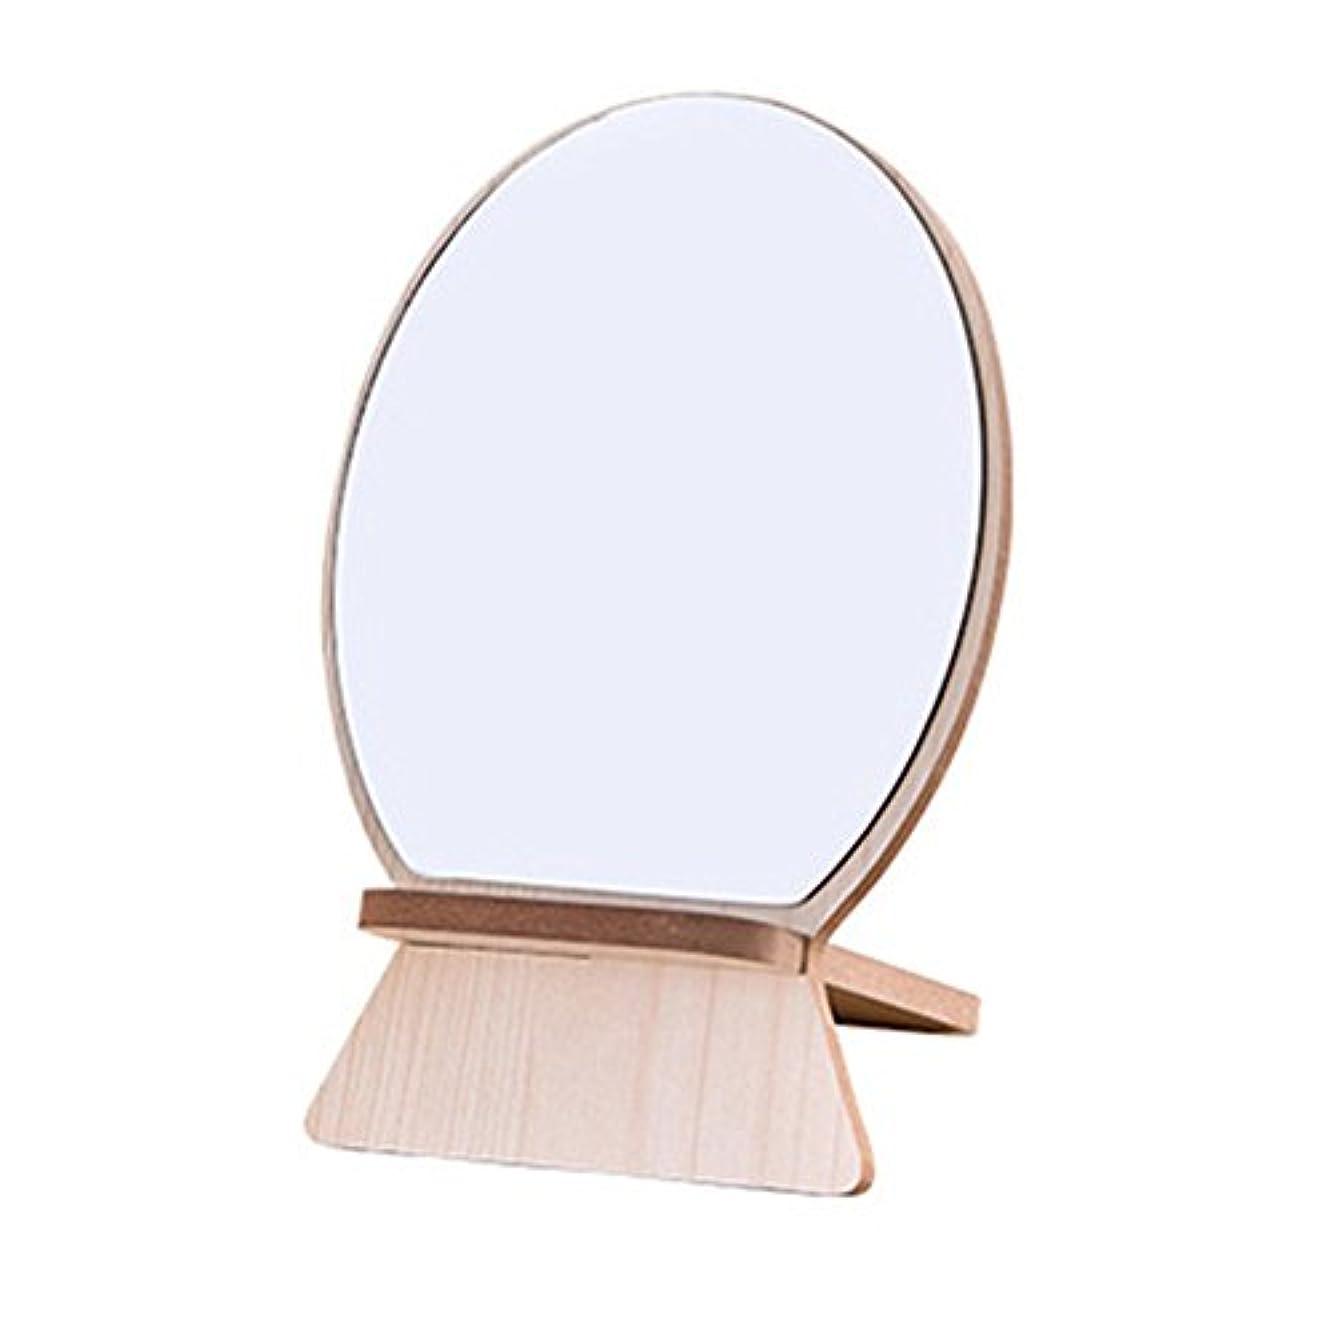 成分タイヤ掃除化粧鏡 木目 木製スタンドミラー 折りたたみ式 角度調整自由自在 角型コンパクトミラー 卓上鏡